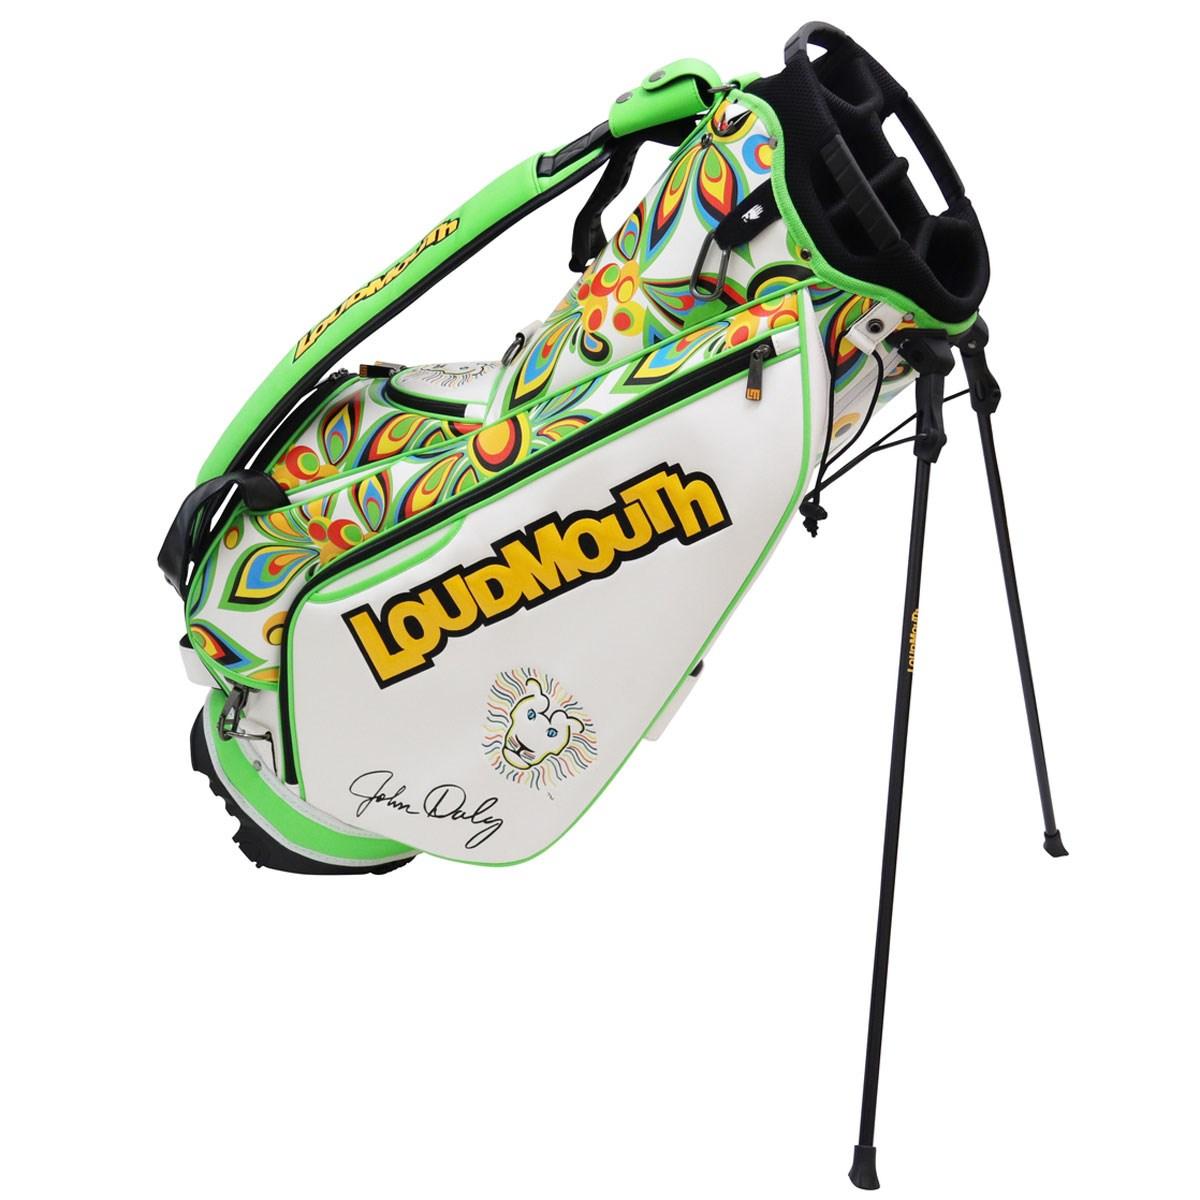 ラウドマウスゴルフ Loud Mouth Golf スタンドキャディバッグ シャガデリックホワイト 003